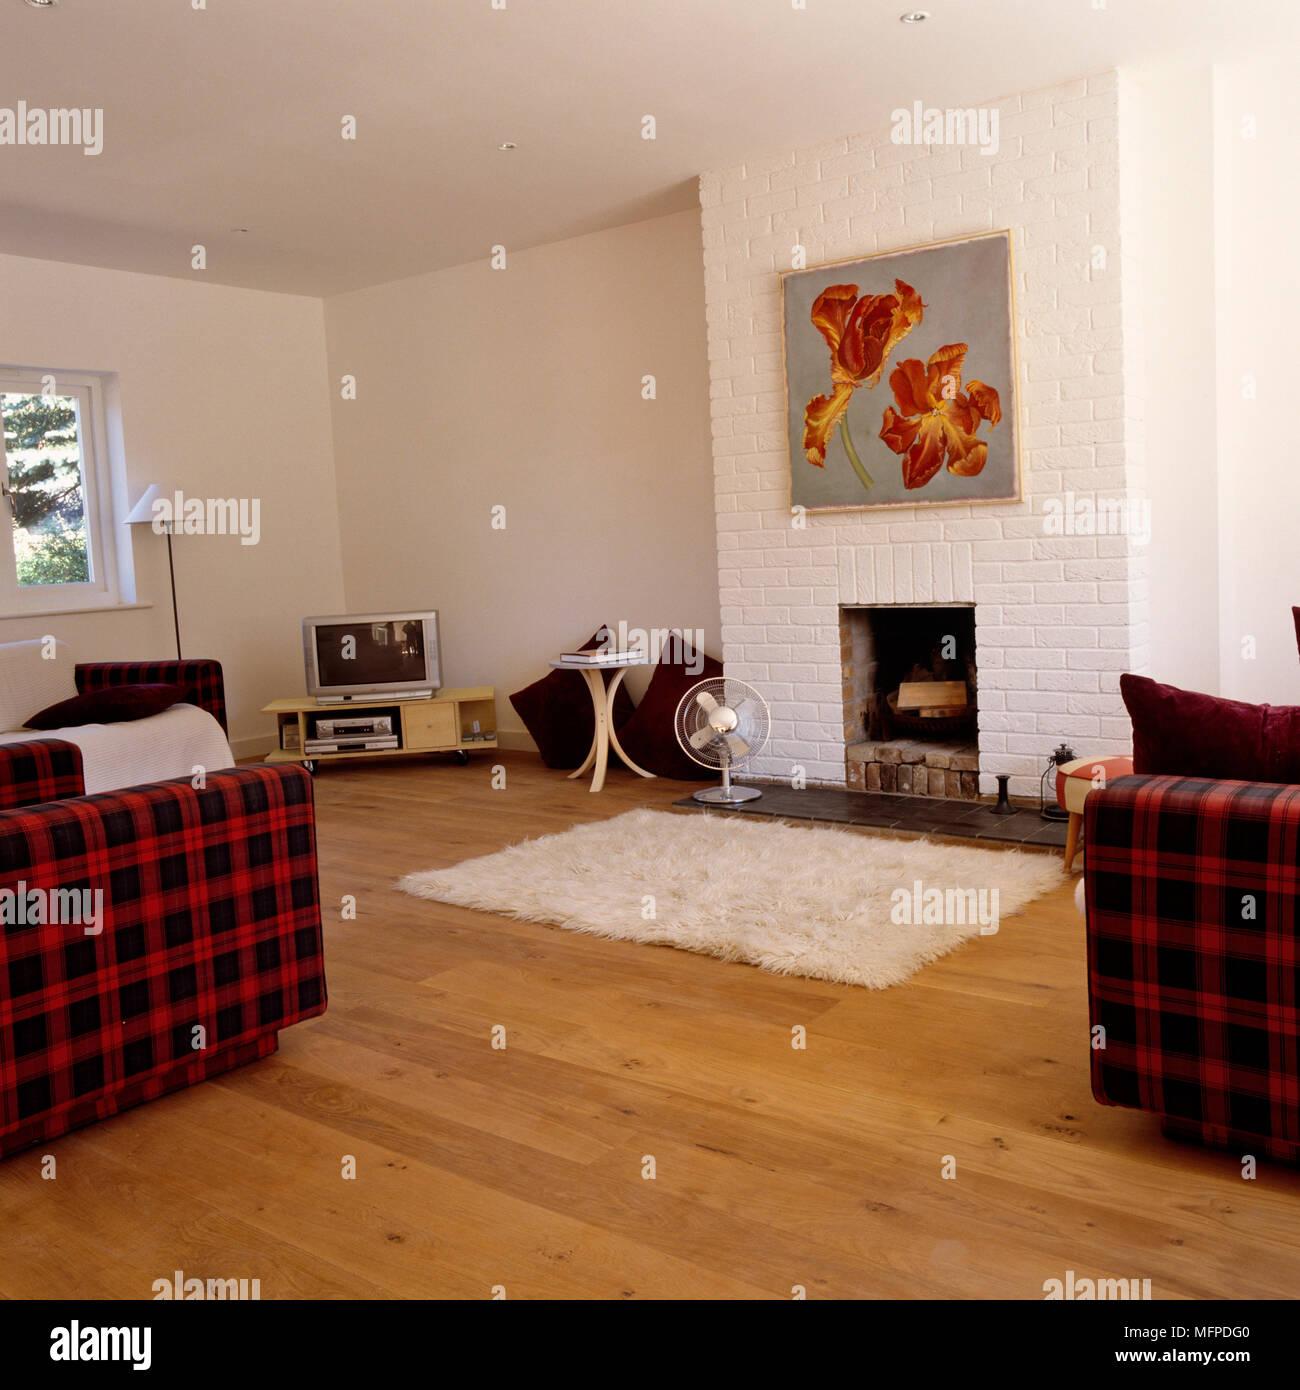 Einfache Kamin Im Wohnzimmer Mit Fernseher In Der Ecke Stockfotografie Alamy